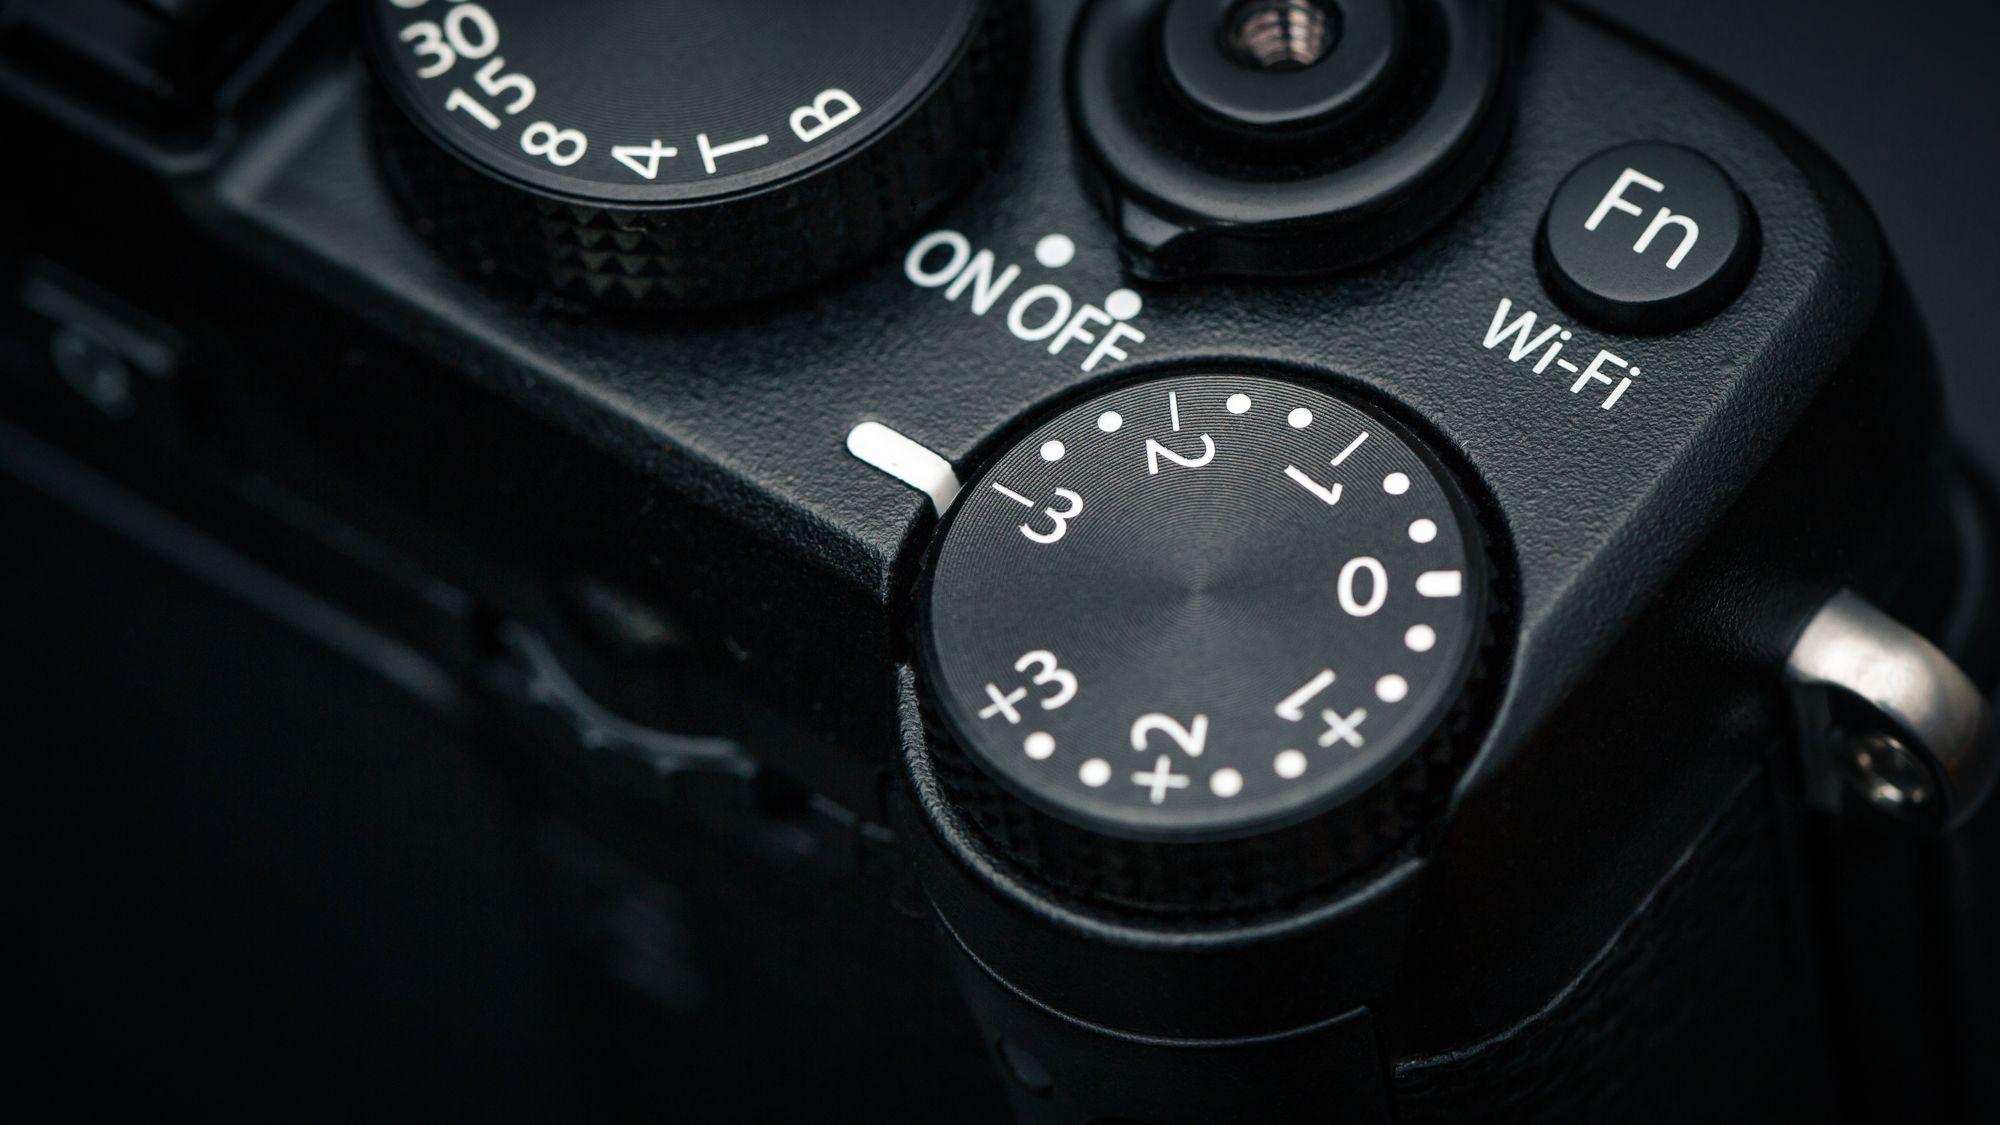 X-E2s eksponeringskompensasjons-hjul. (Foto: Johannes Granseth)